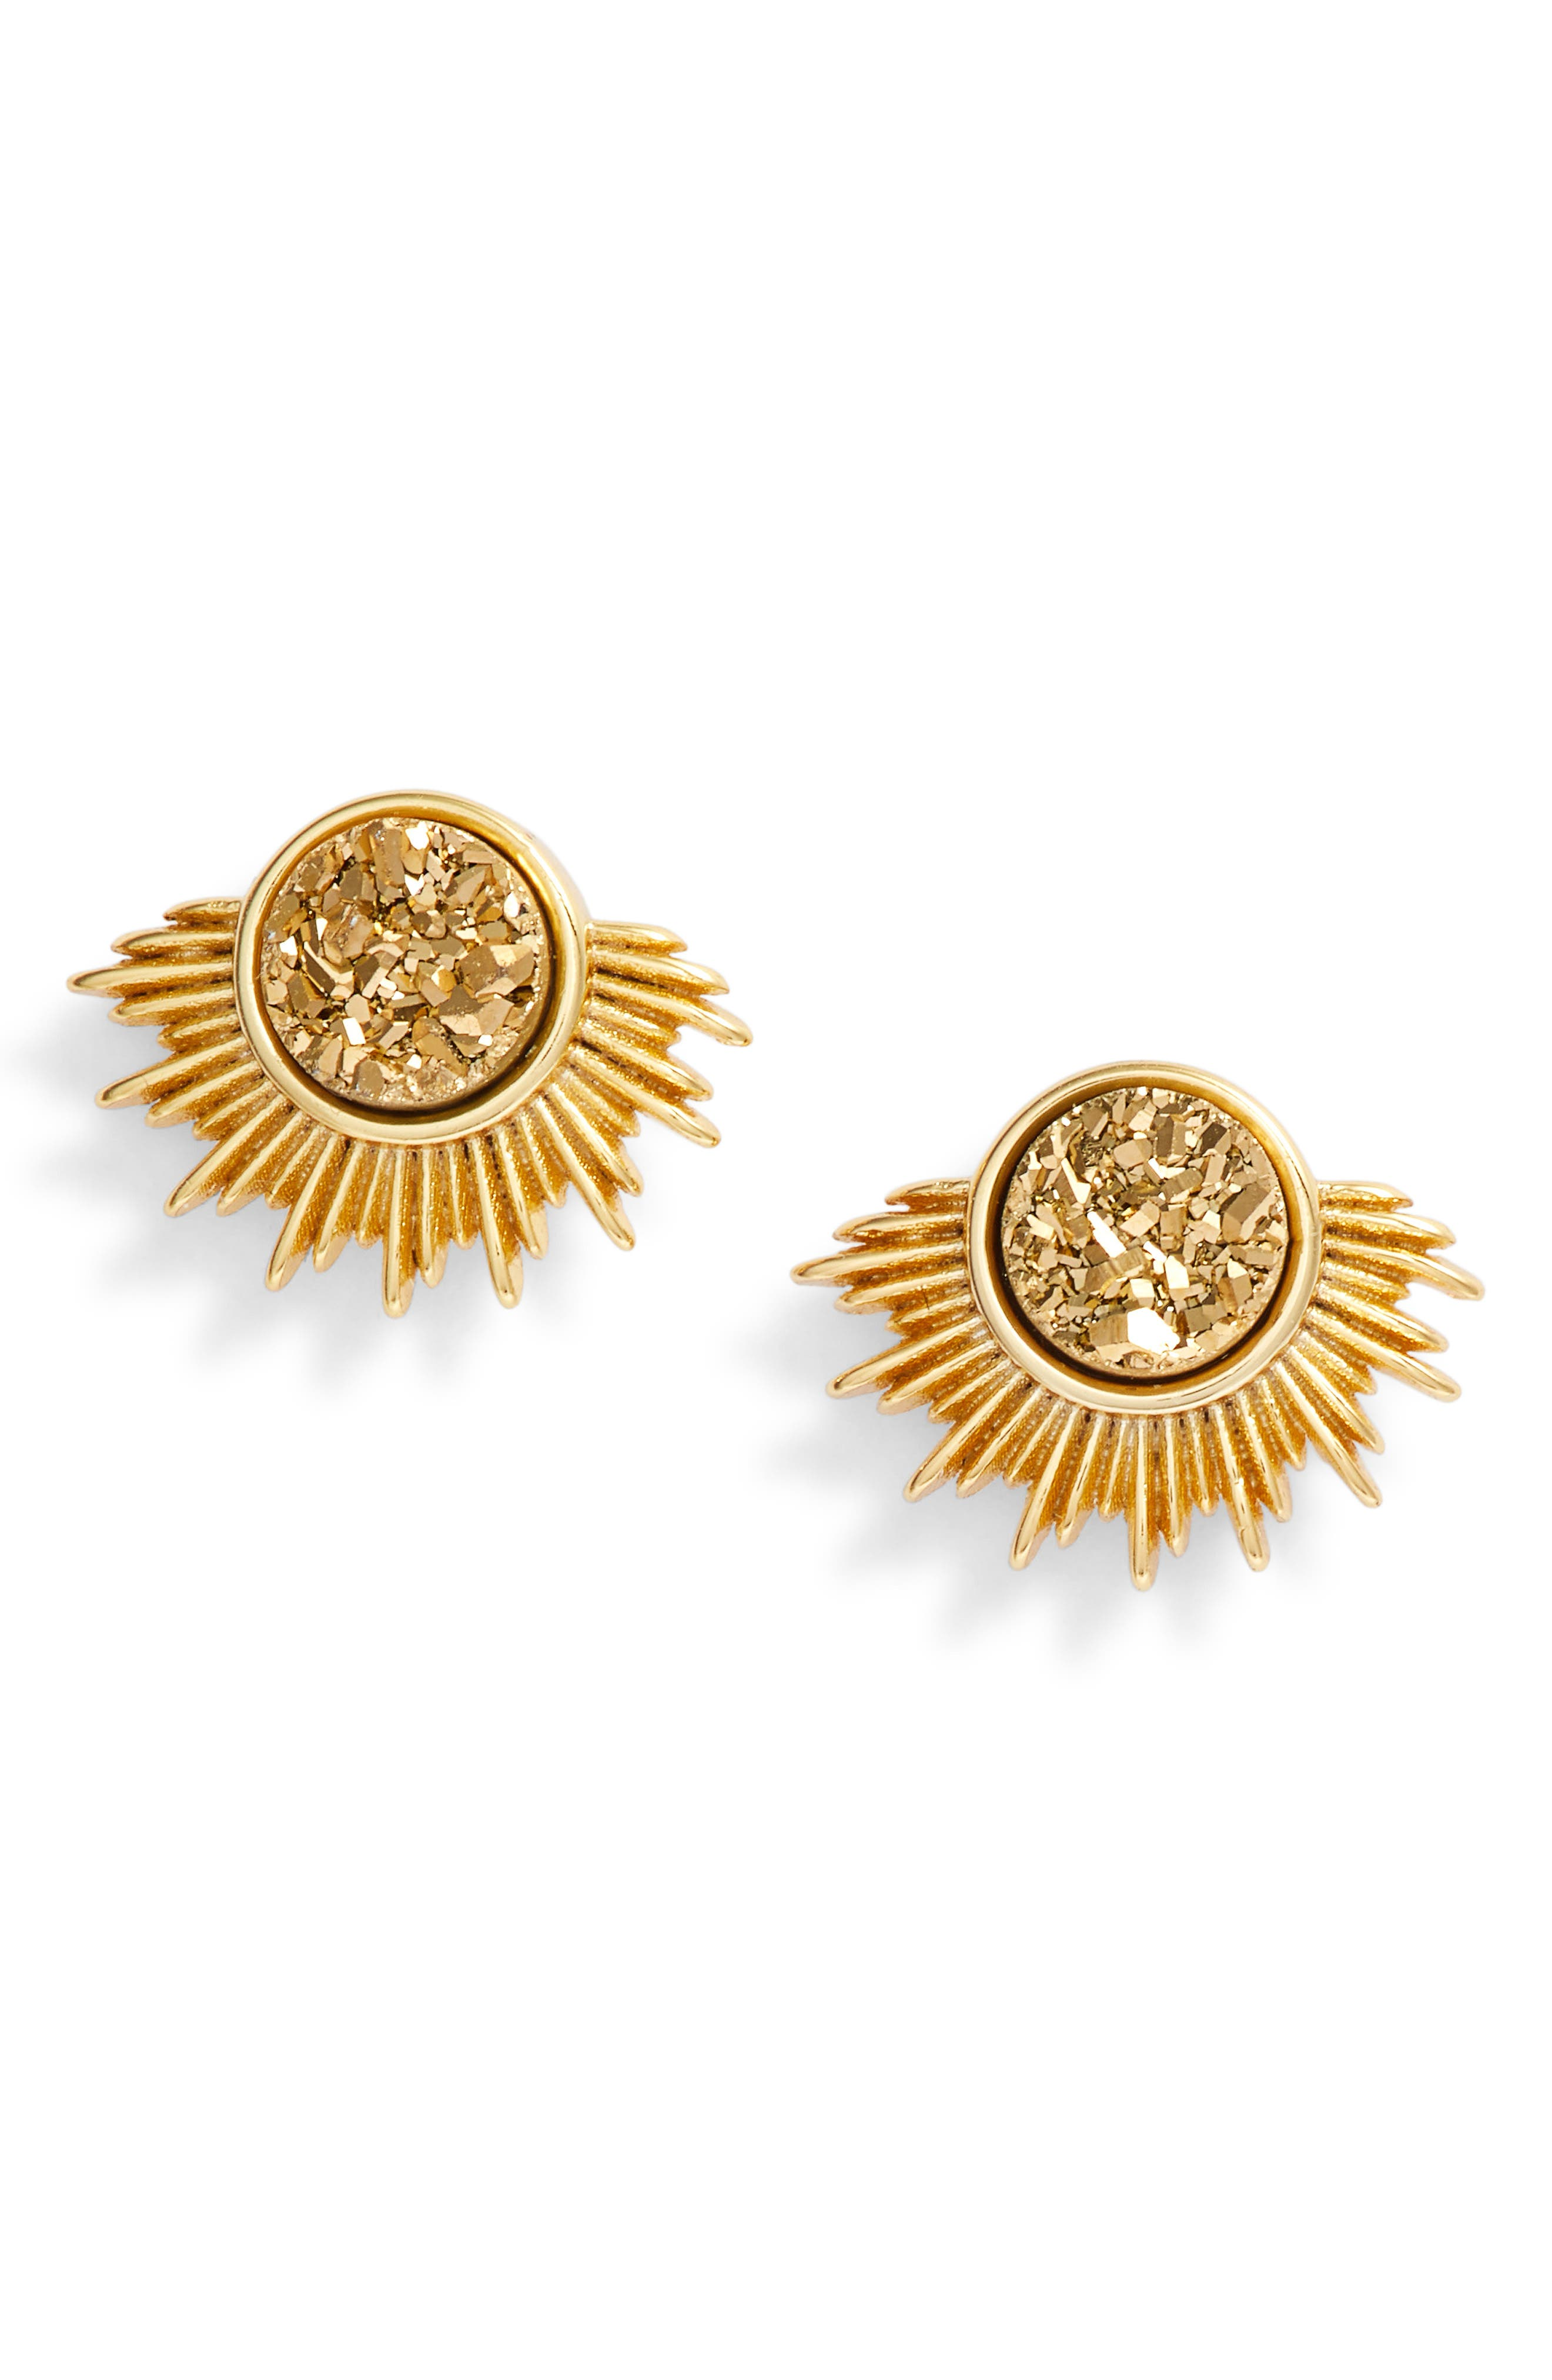 Blaze Stud Earrings,                         Main,                         color, 710